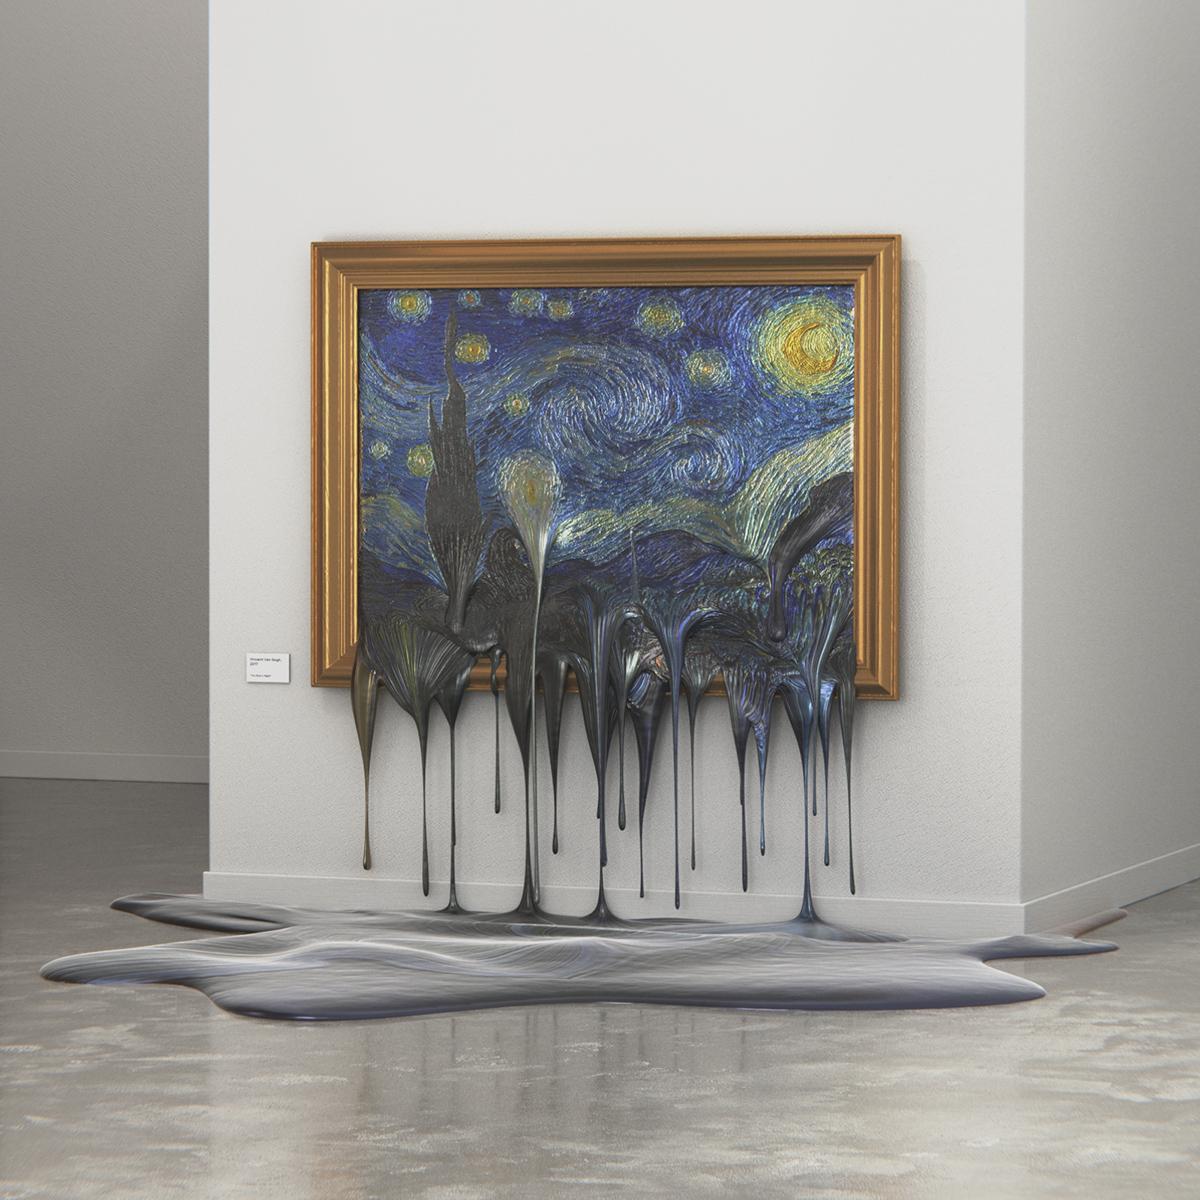 Hot Art Exhibition, gli effetti dell'estate sulle opere arte | Collater.al 2